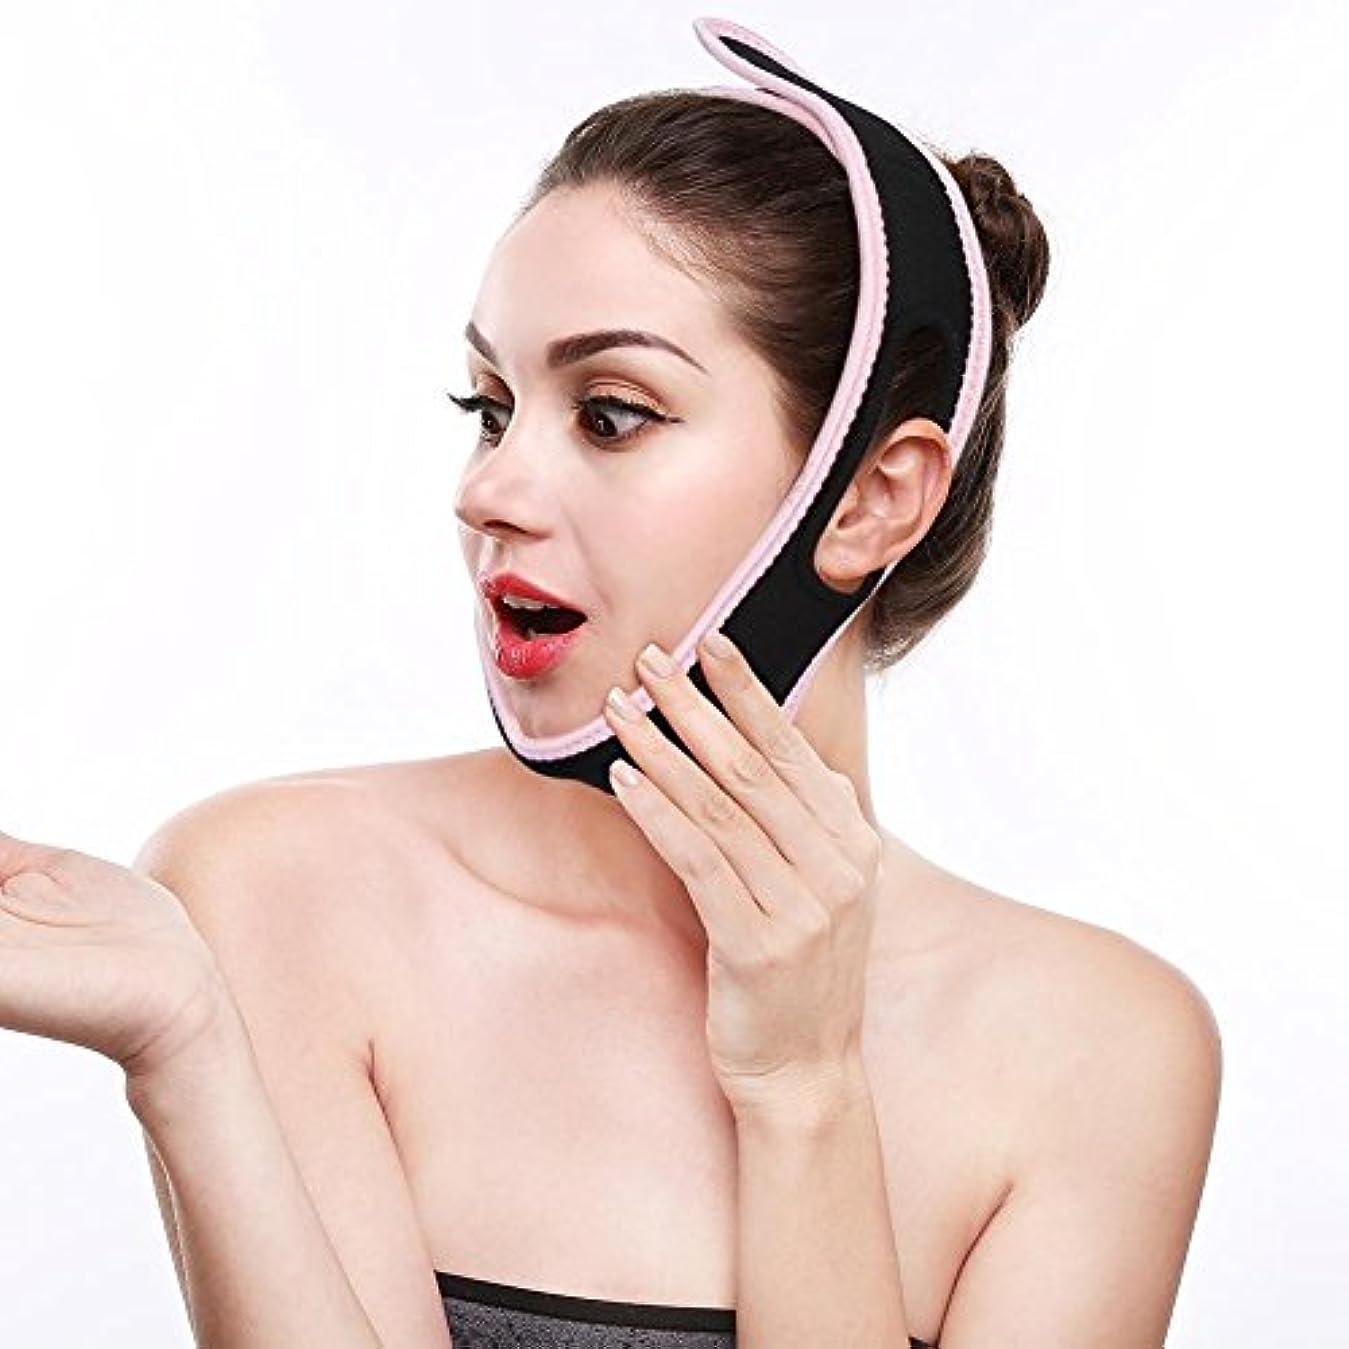 リンス赤面偽造顔フェイスリフティング包帯ベルトチンチークスリムリフトアップアンチリンクルマスク超薄型Vフェイスラインベルトストラップバンド